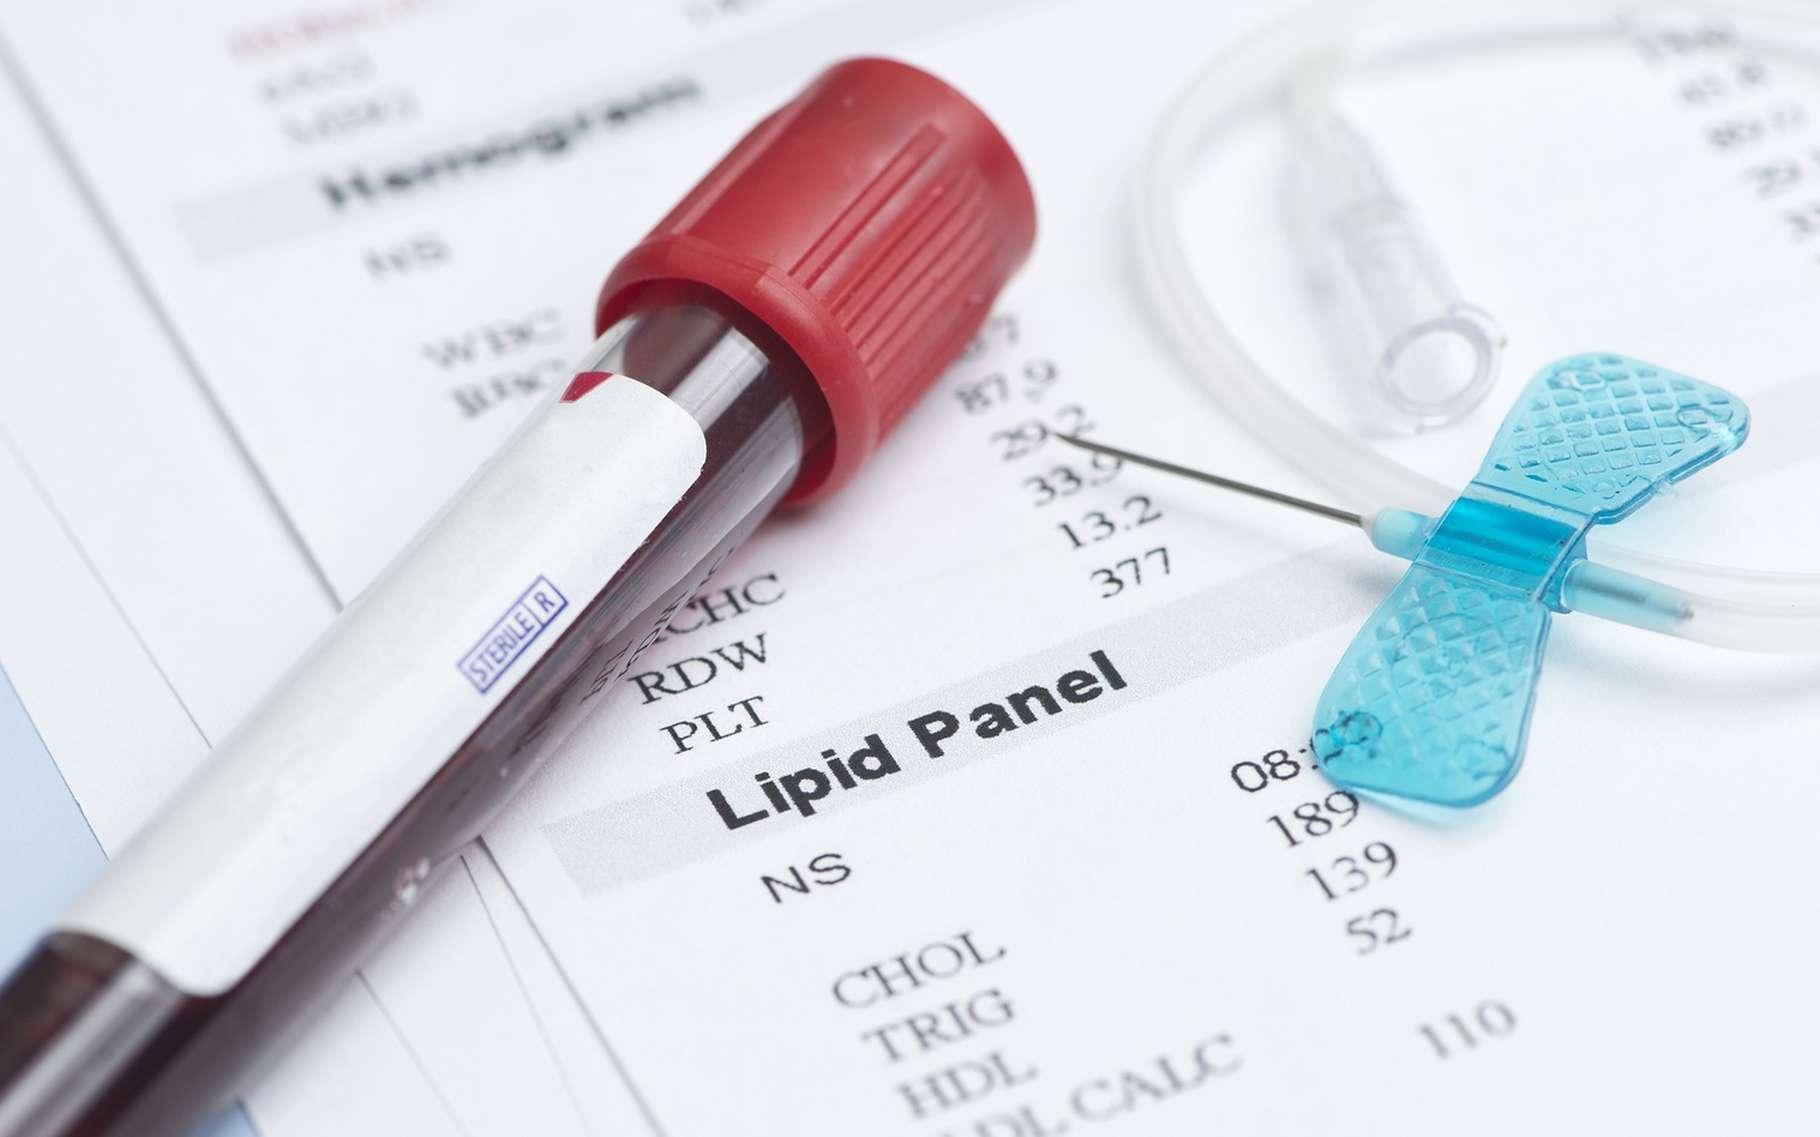 Les analyses sanguines permettent de surveiller son taux de cholestérol, le « bon » et le « mauvais ». © Sherry Yates Young, Shutterstock